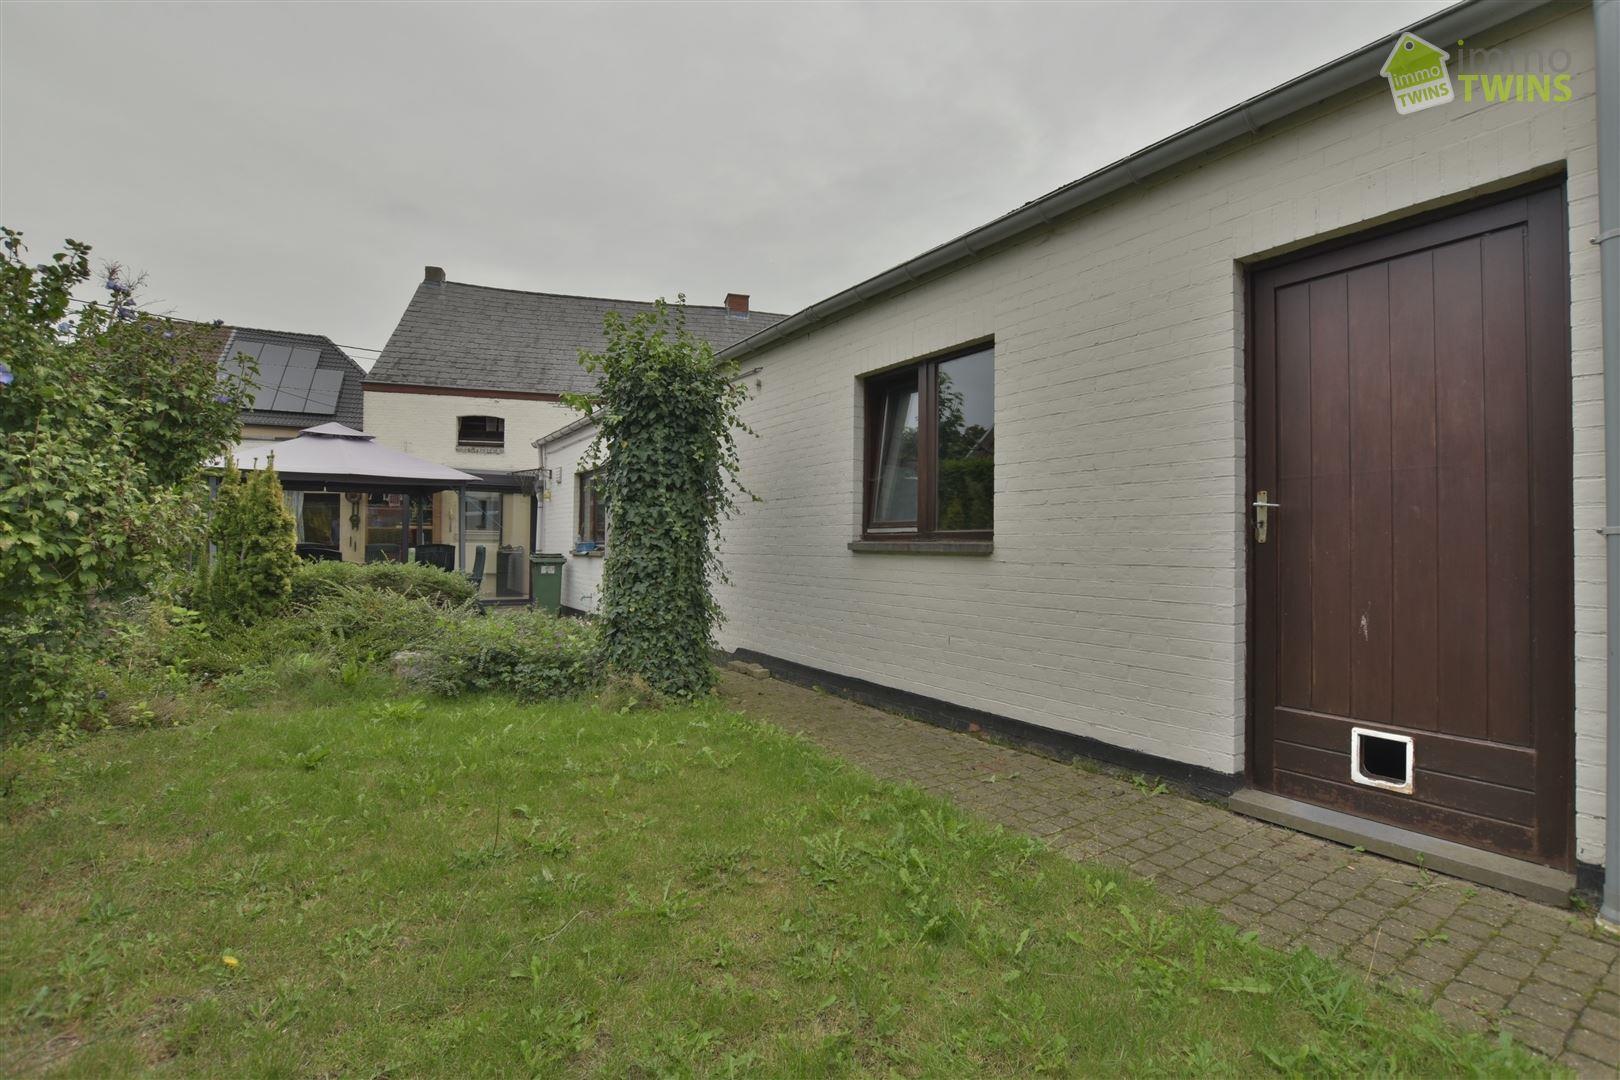 Foto 20 : Woning te 9200 SINT-GILLIS-DENDERMONDE (België) - Prijs € 225.000